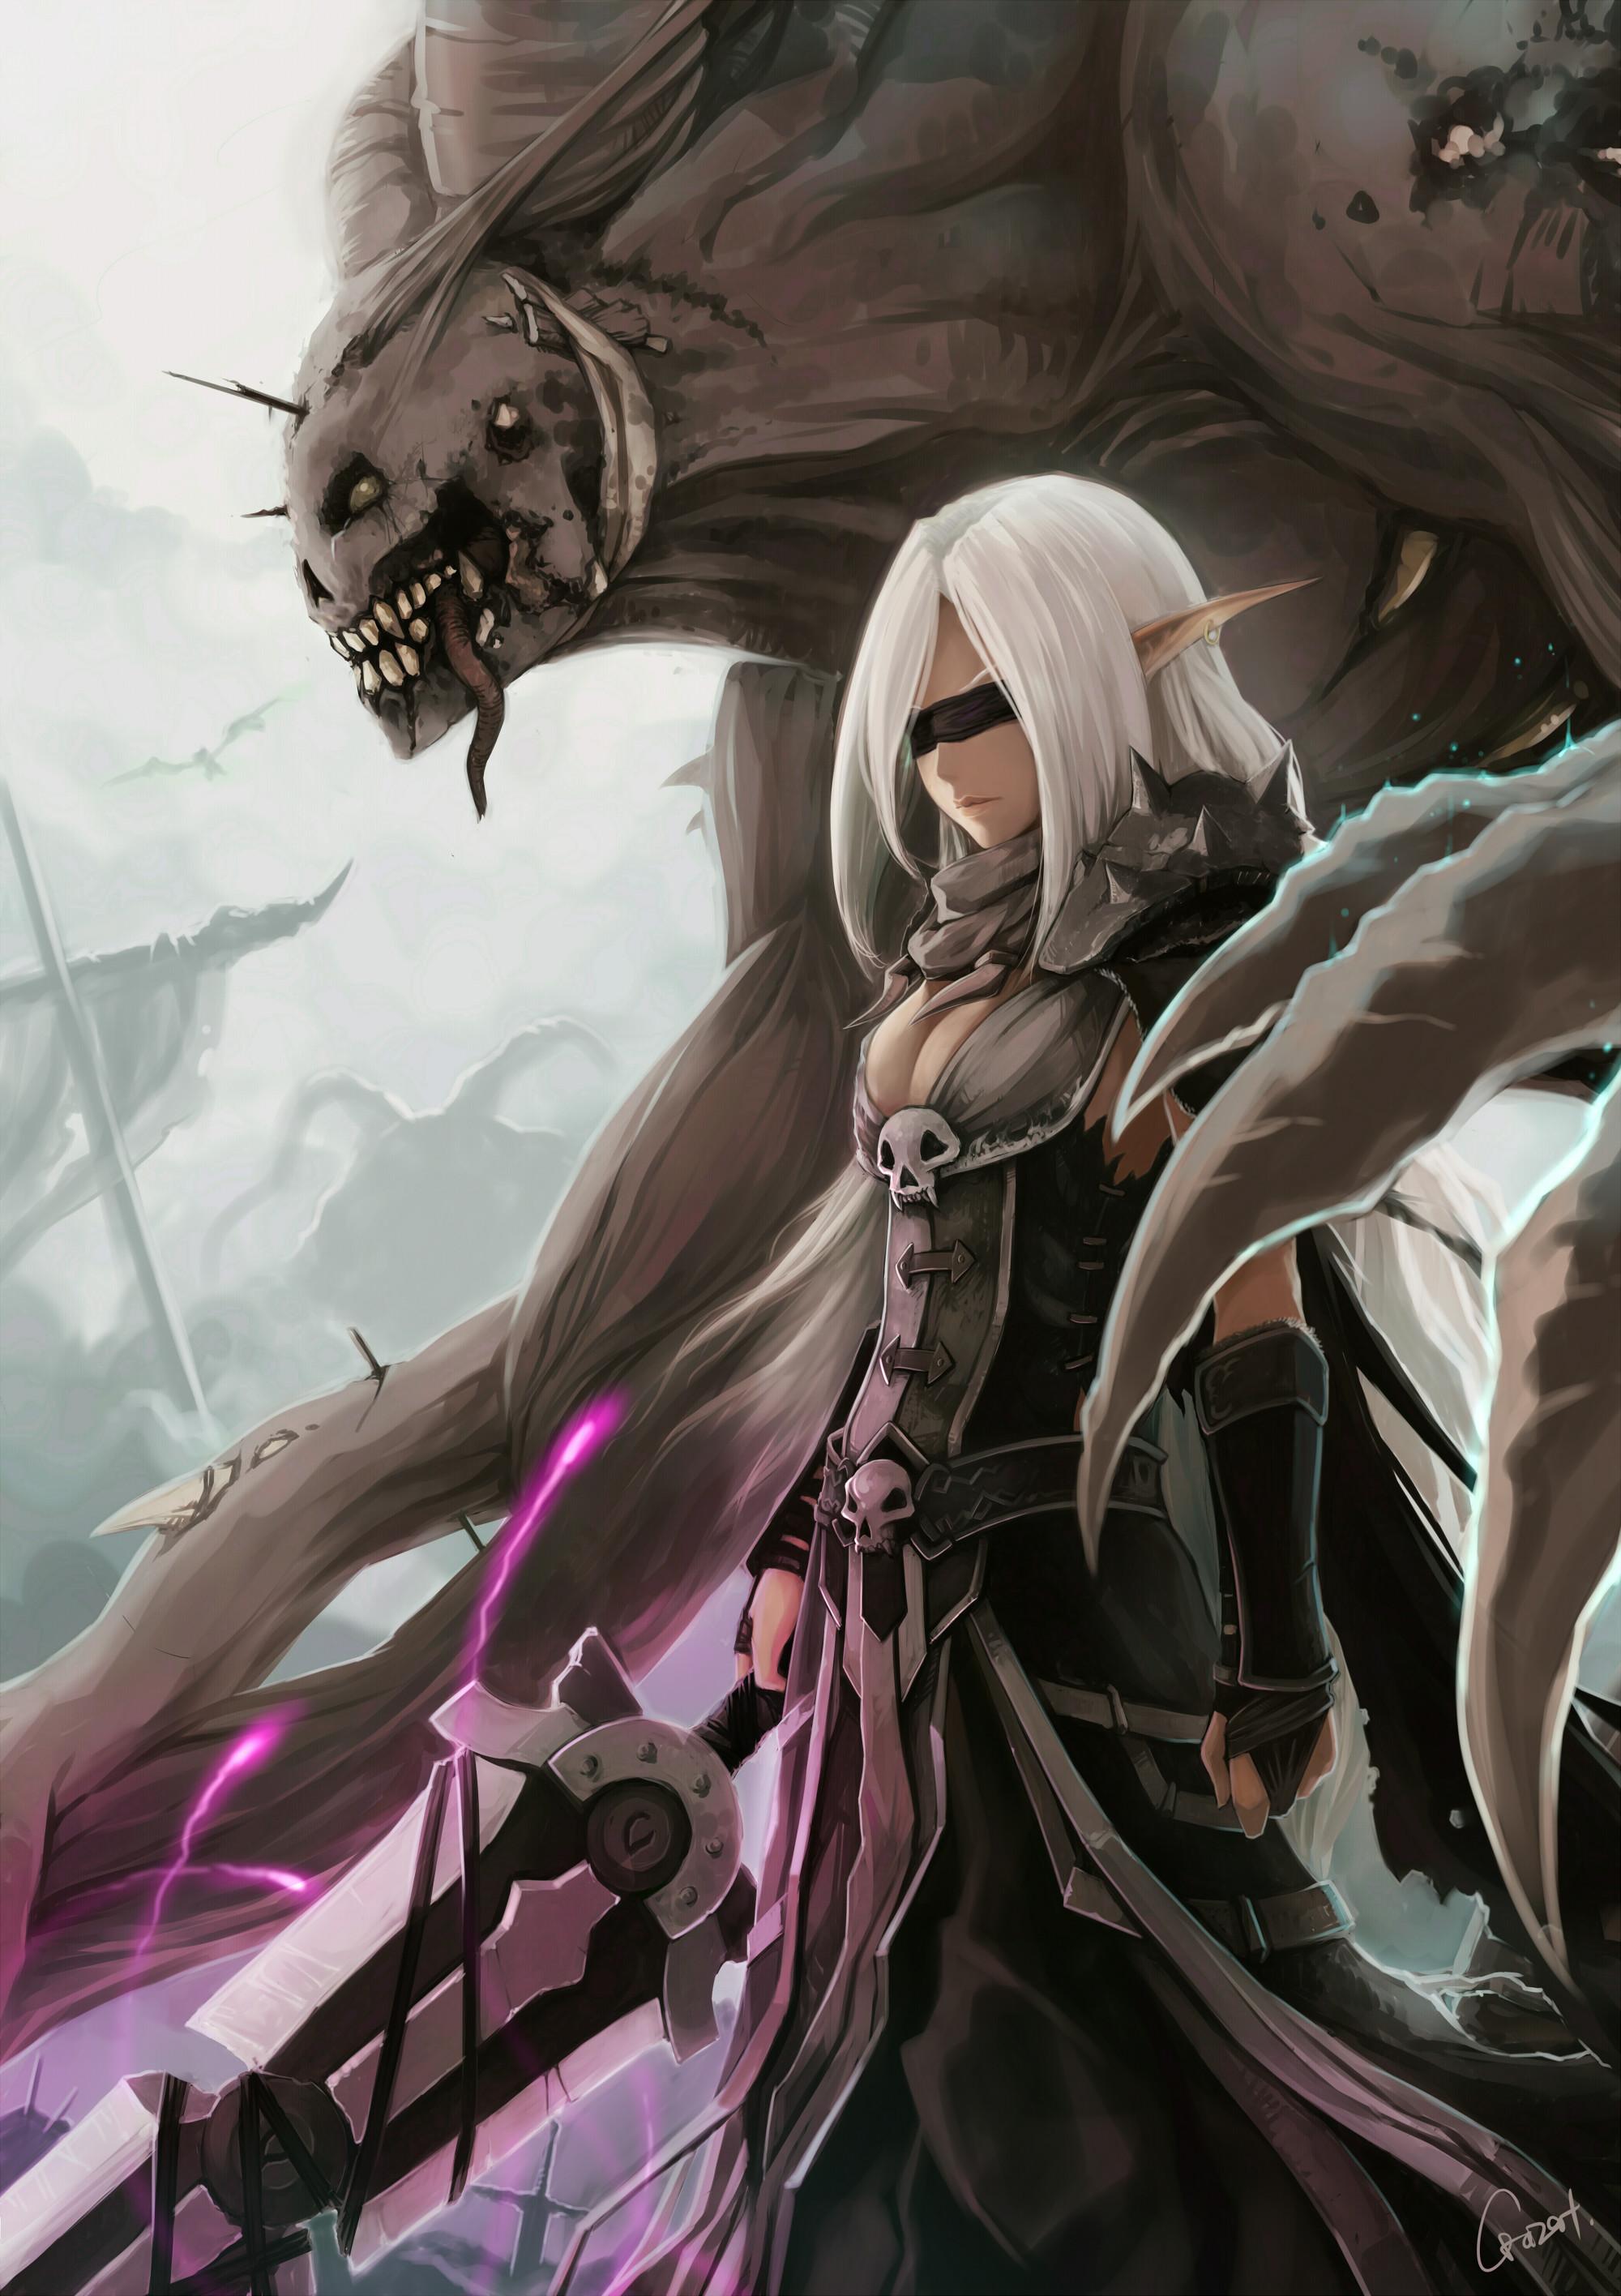 crazat, Warcraft, Monster, Bone, Skull, Knight